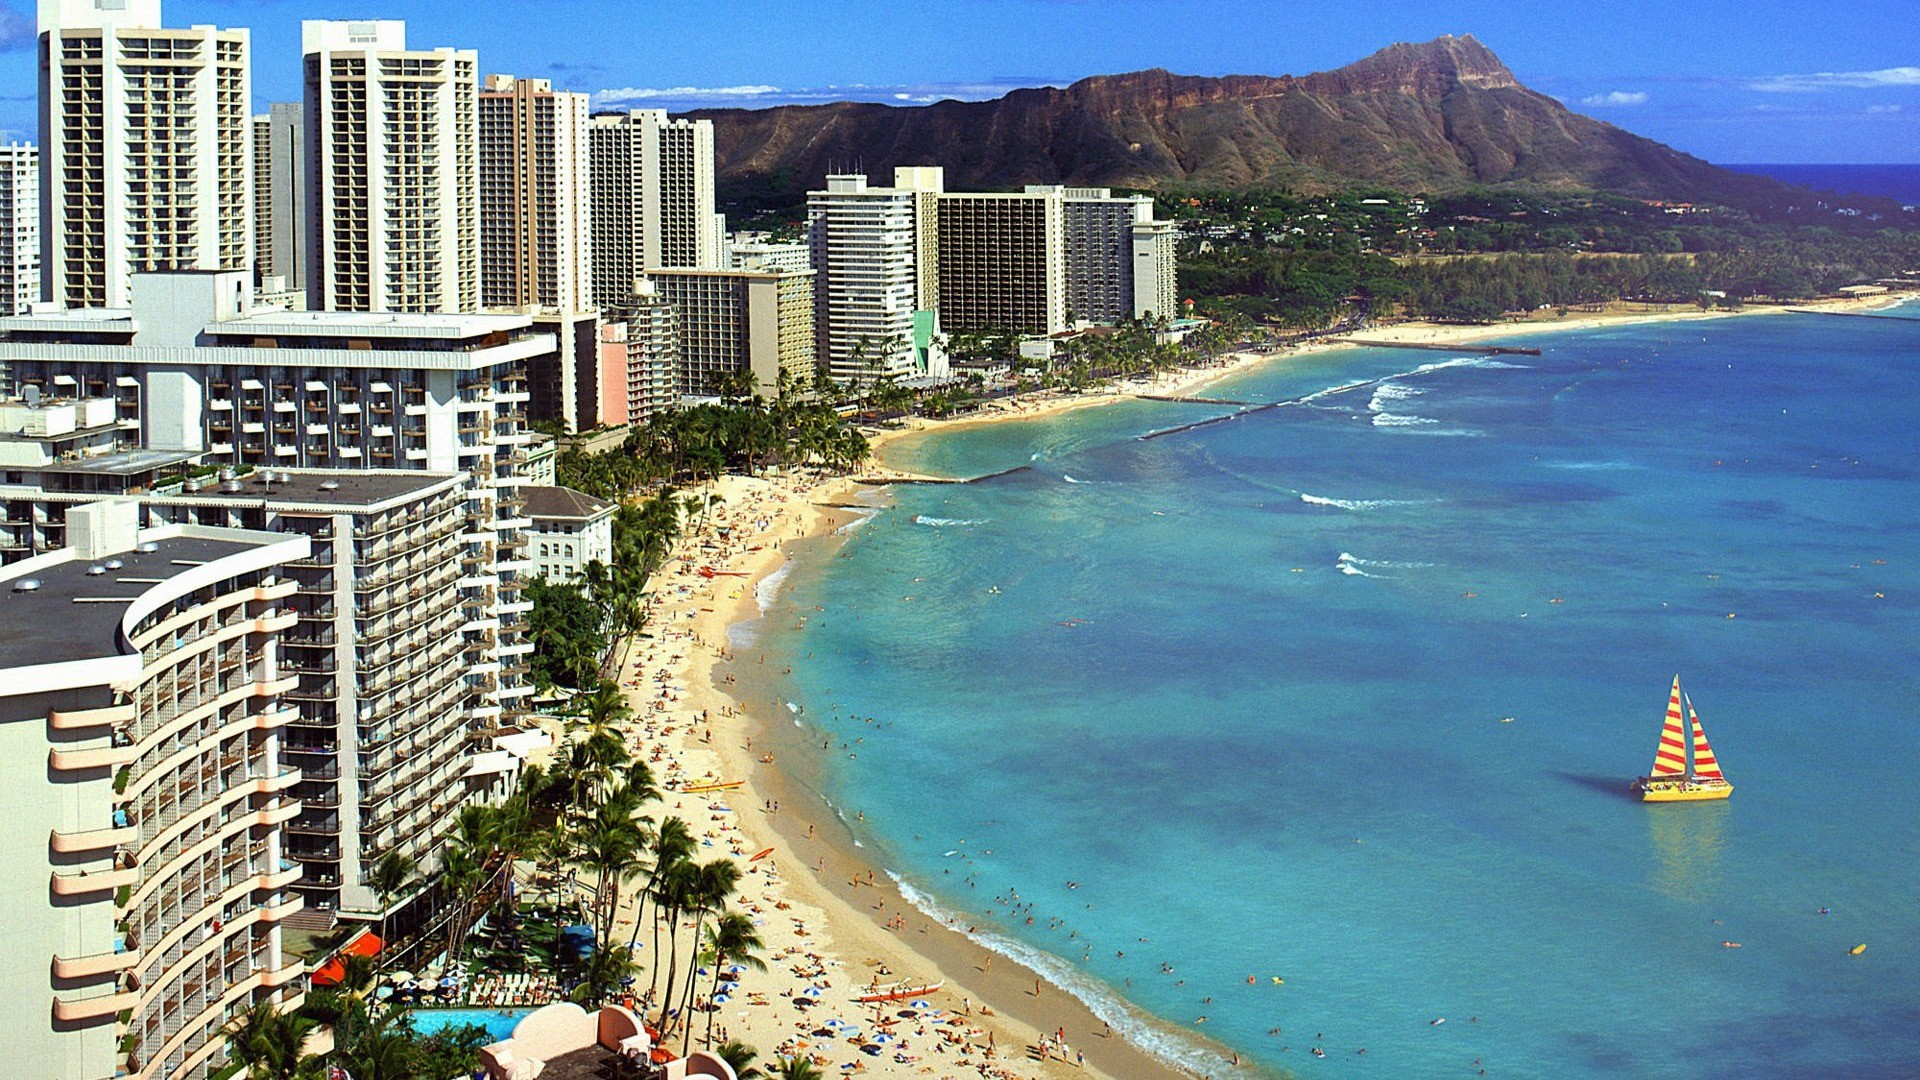 hawaii diamond beach hd wallpaper   wallpapers55.com – Best Wallpapers .